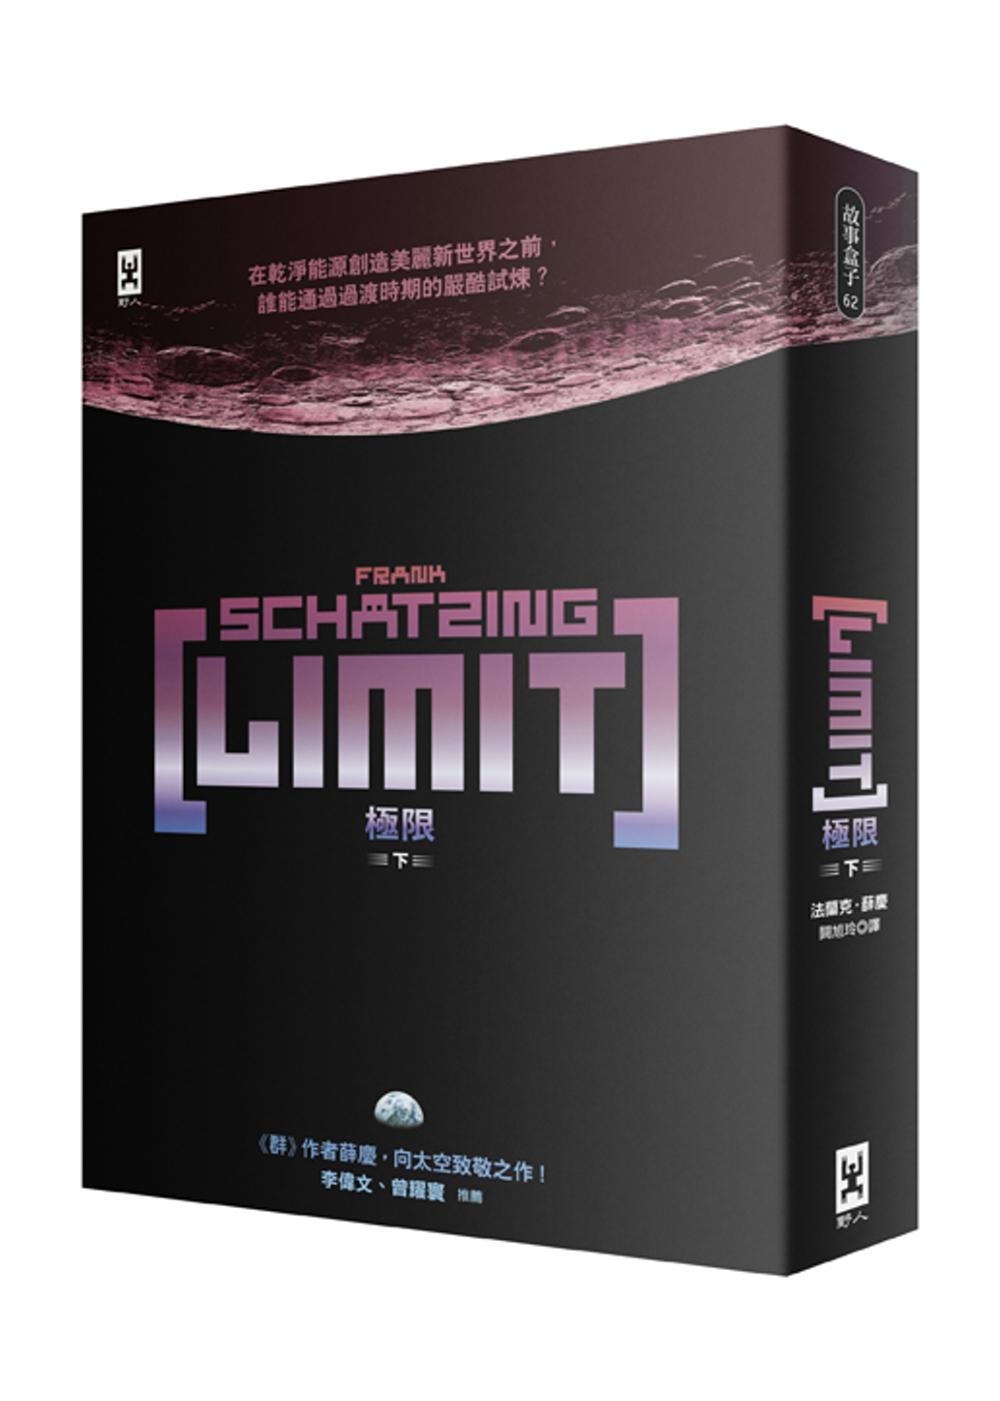 極限 LIMIT [下](《群》作者薛慶太空跨界小說)